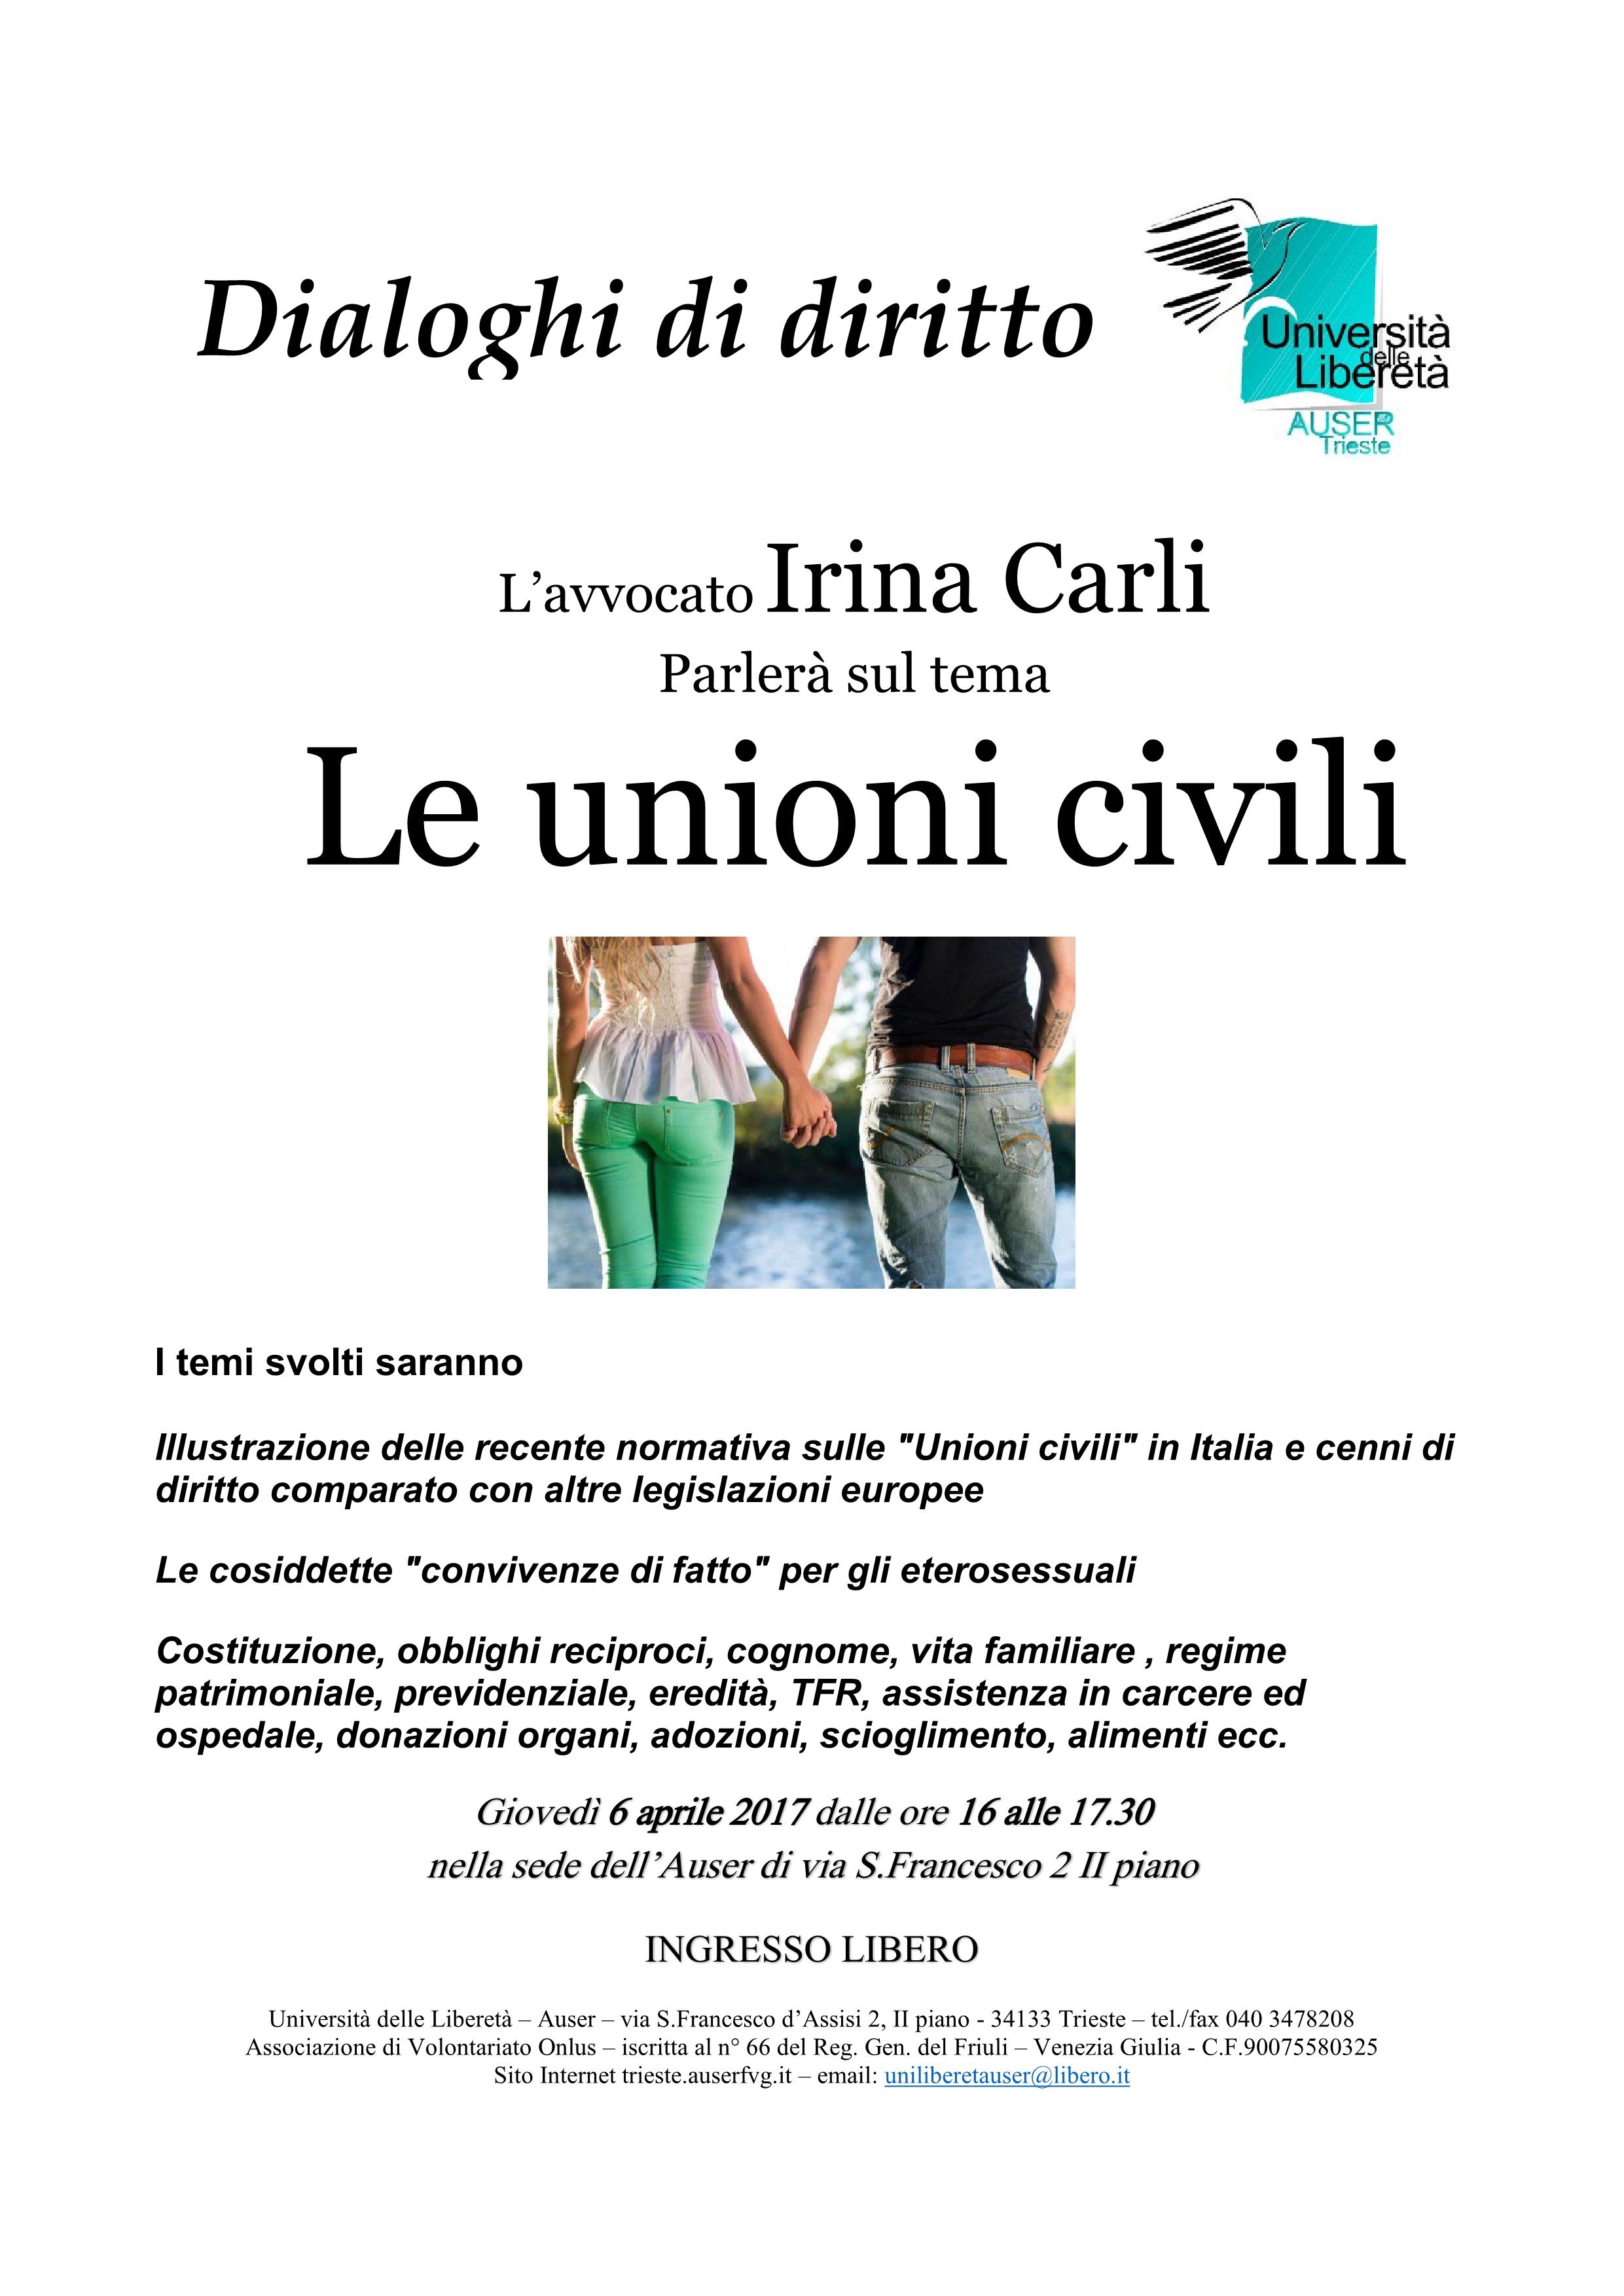 Le unioni civili1